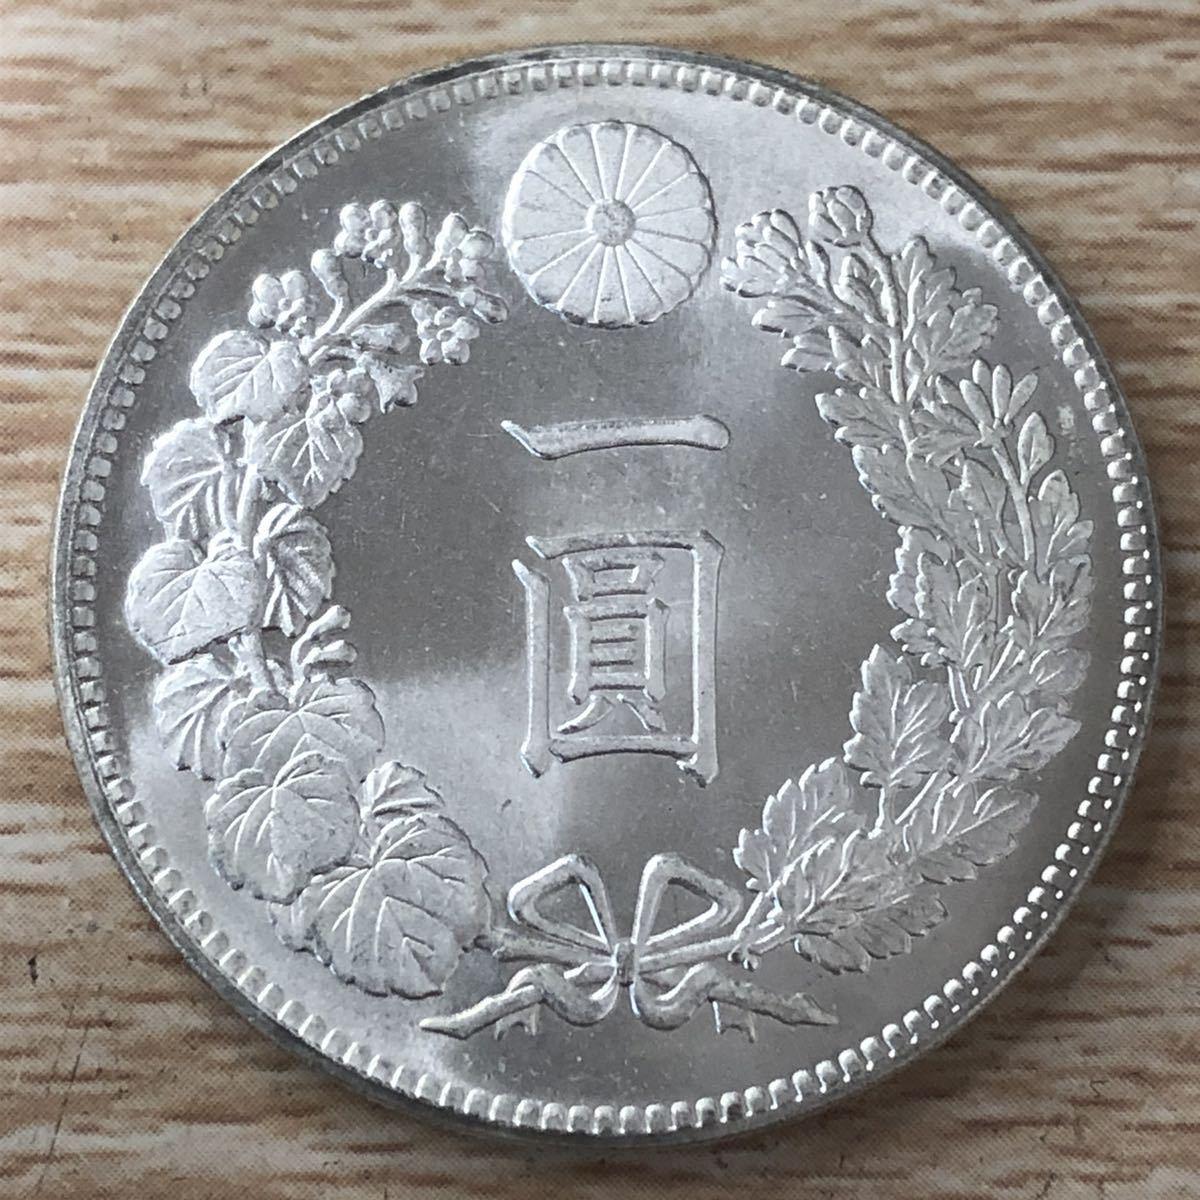 (YM-38) 古銭 明治八年 一円銀貨 貿易銀 大日本明治美銀 量目26.28㌘